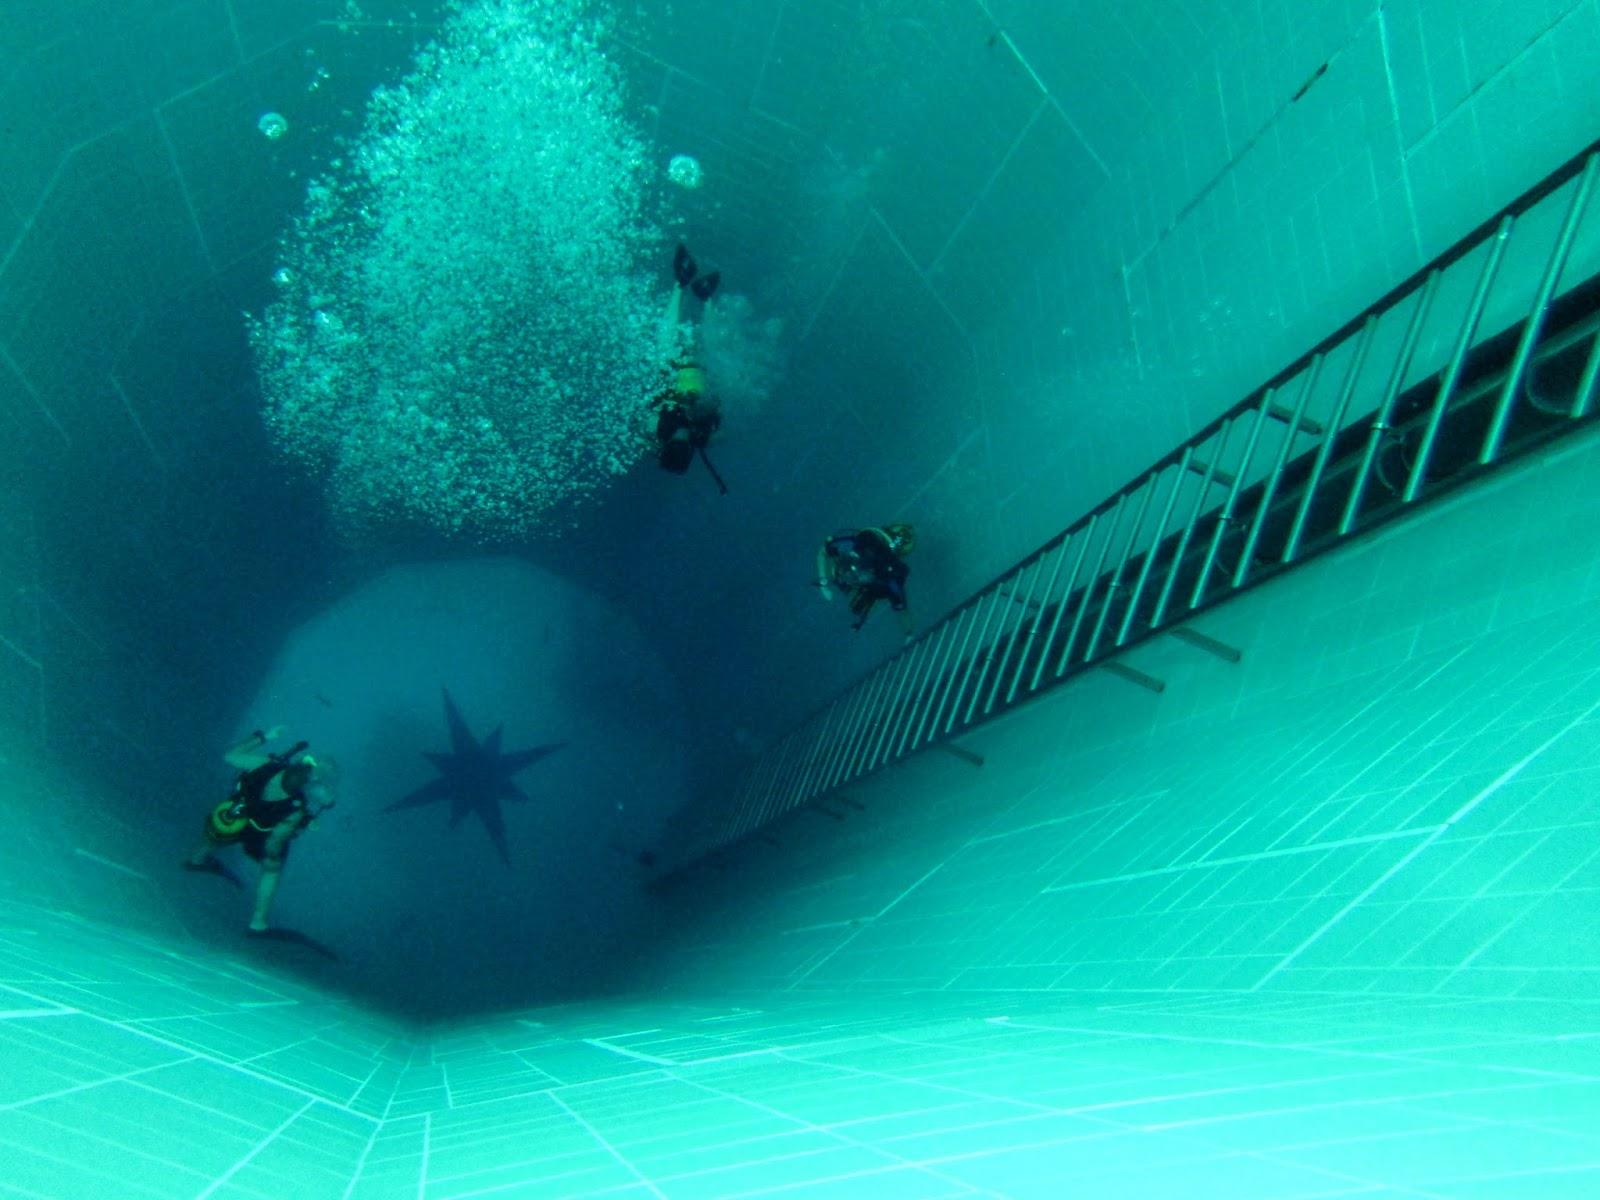 Amazing Belgium Nemo 33 A Very Deep Swimming Pool